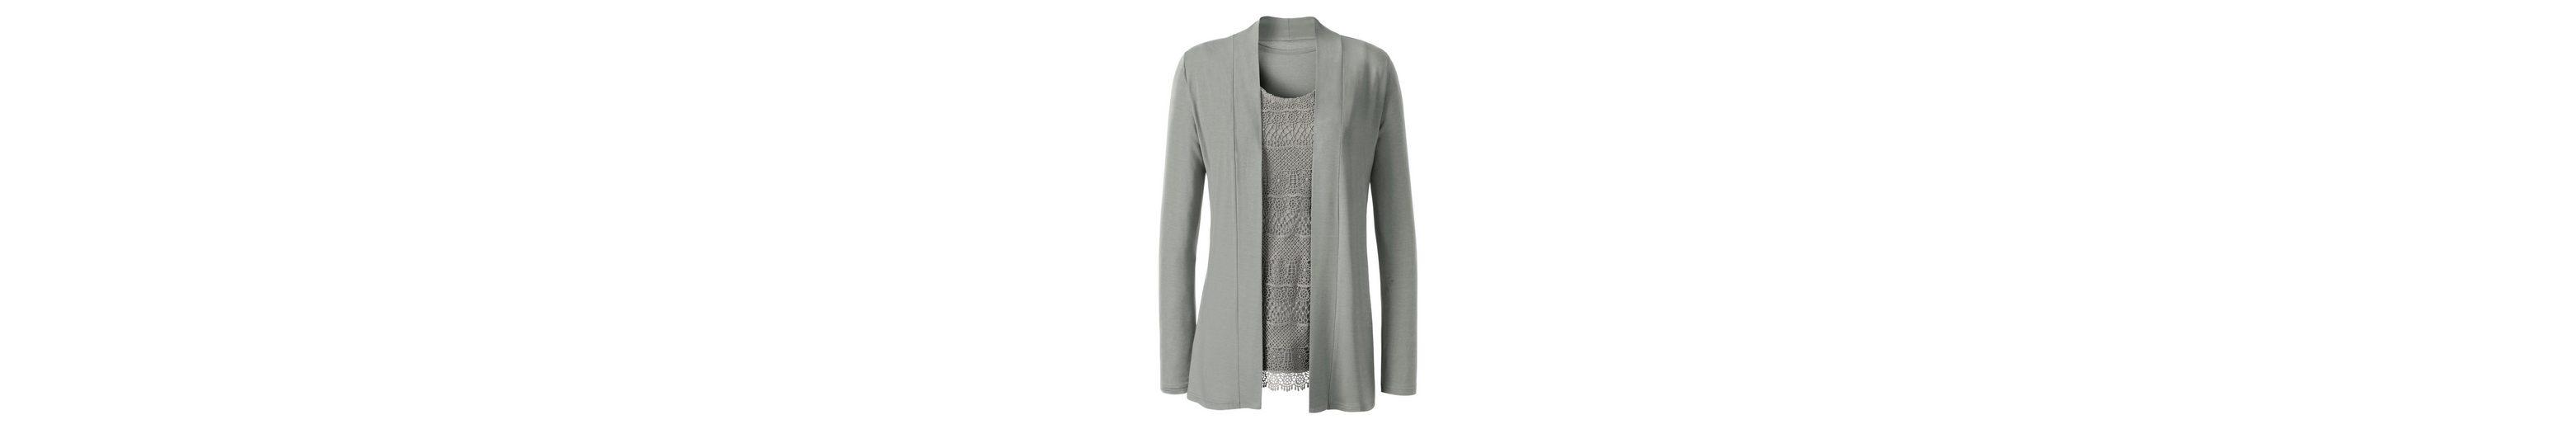 Lady Shirtjacke mit Schalkragen Qualität Outlet-Store 0KAPn3M